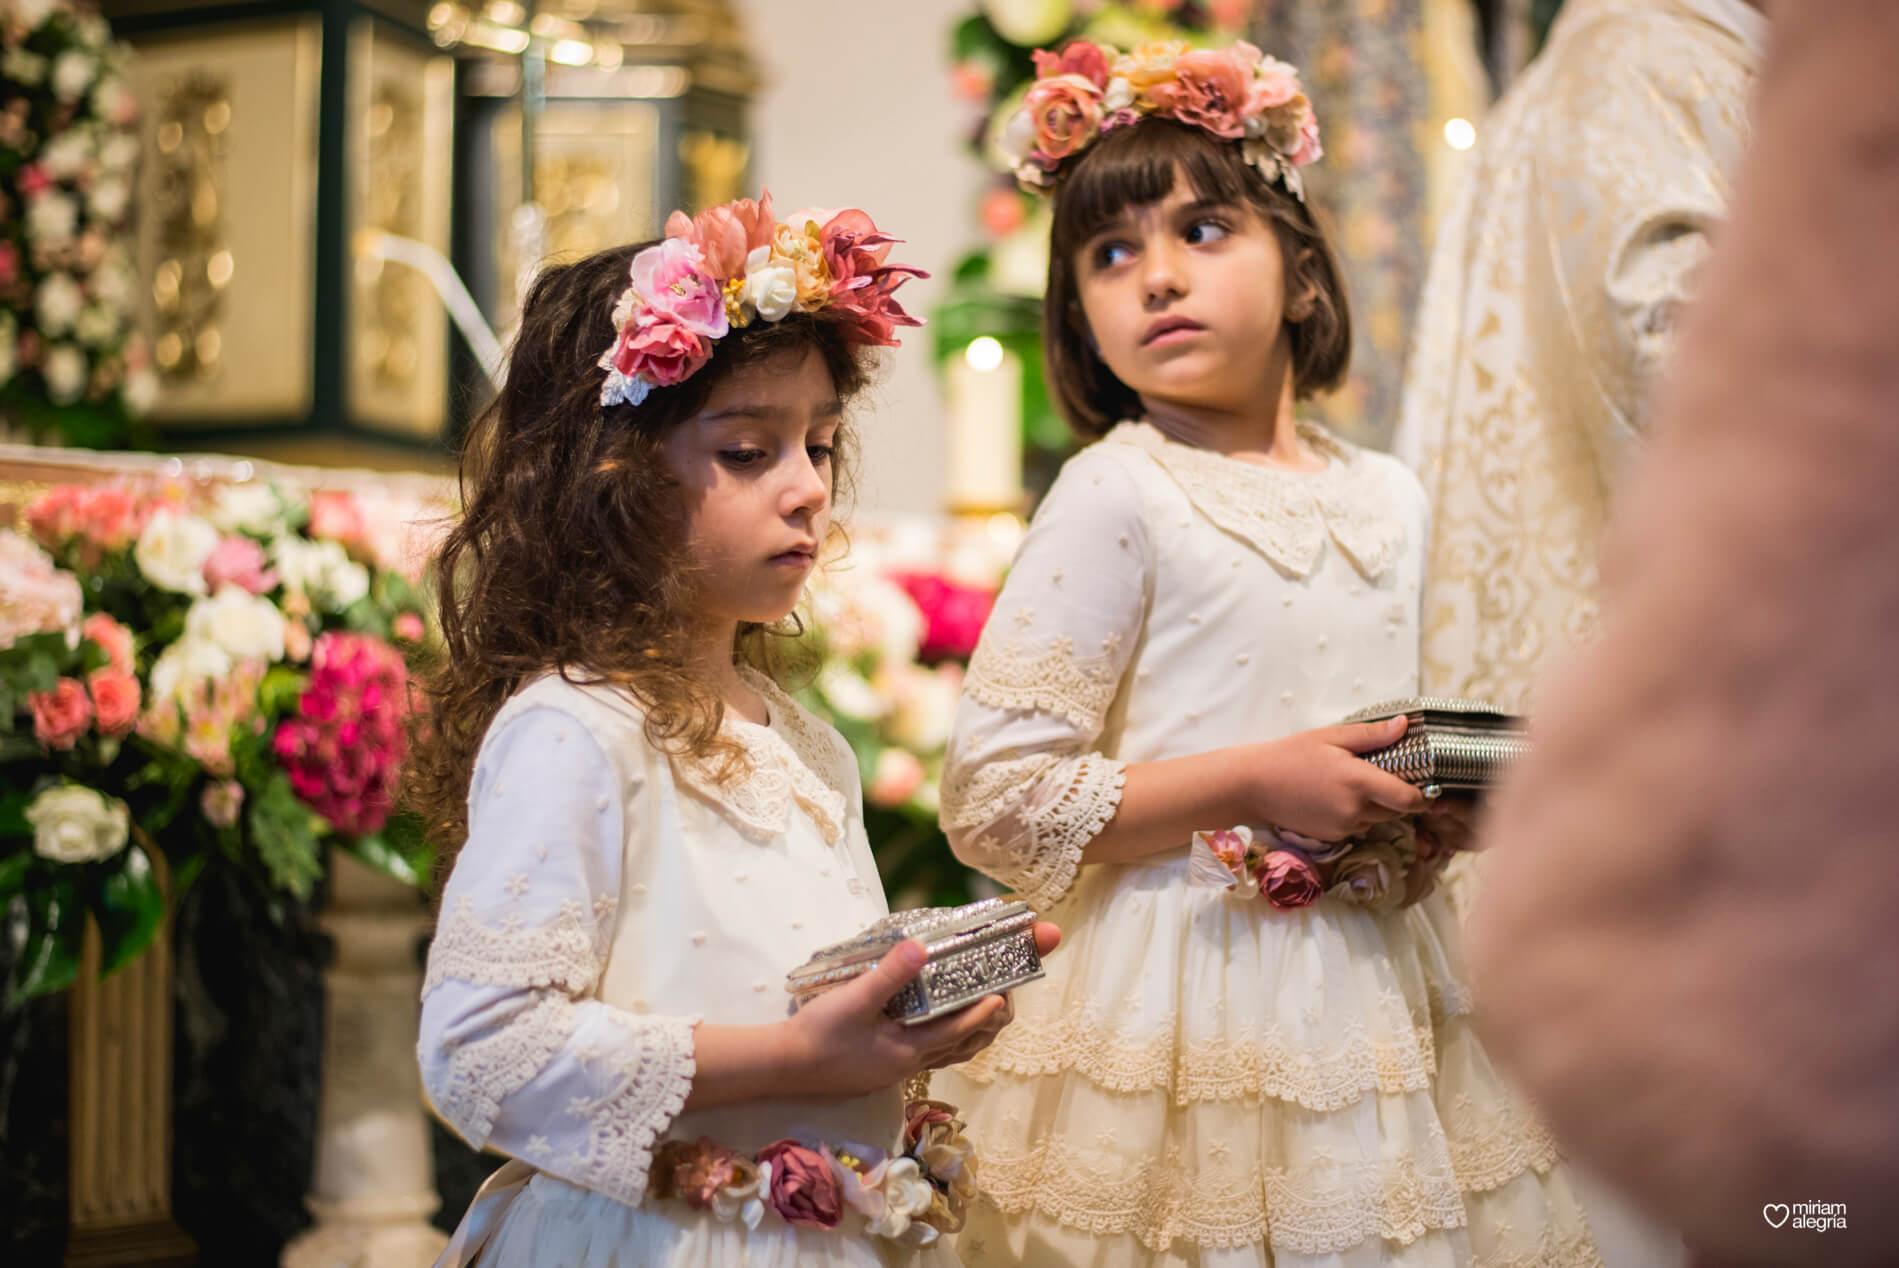 boda-en-el-rincon-huertano-miriam-alegria-fotografos-boda-murcia-77